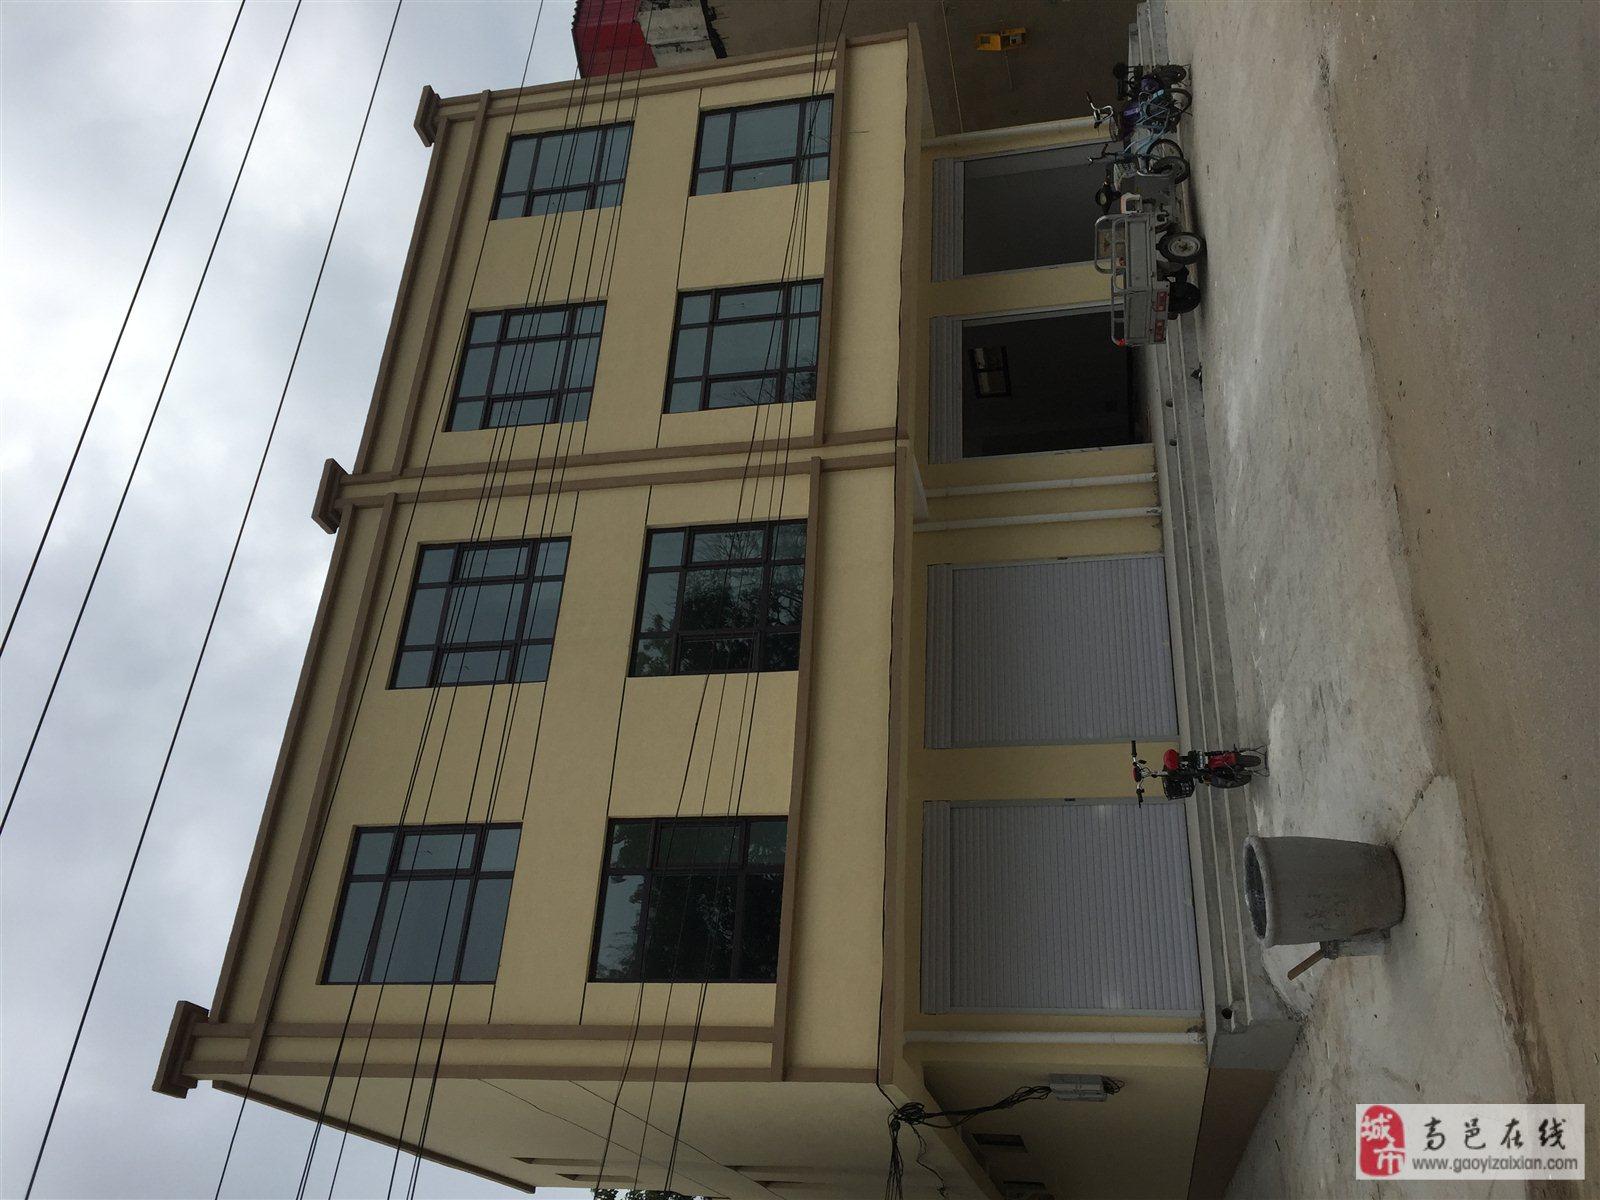 三层,一层商铺,二、三层住宅